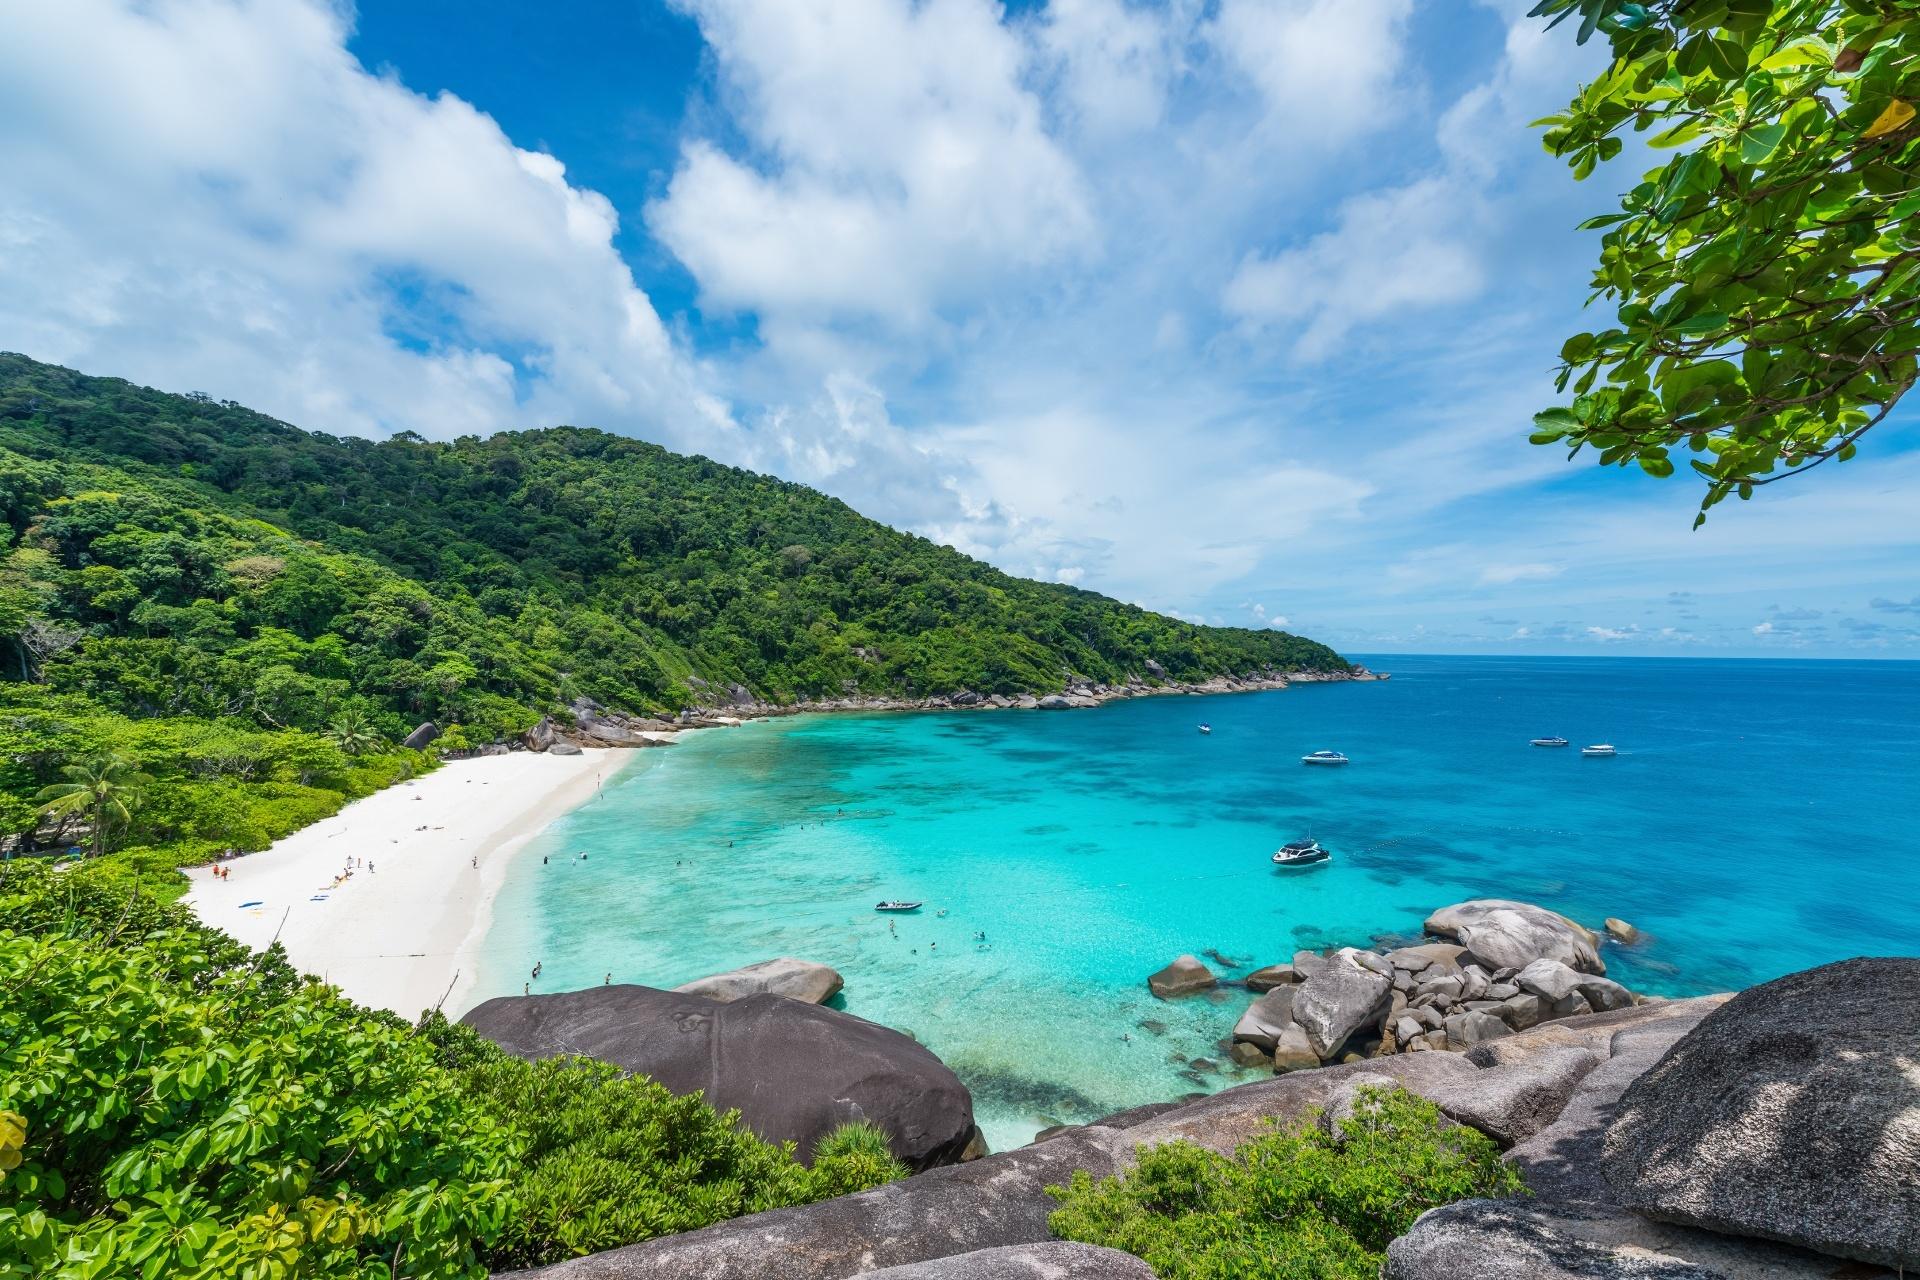 アンダマン海 シミラン島の風景 タイの風景